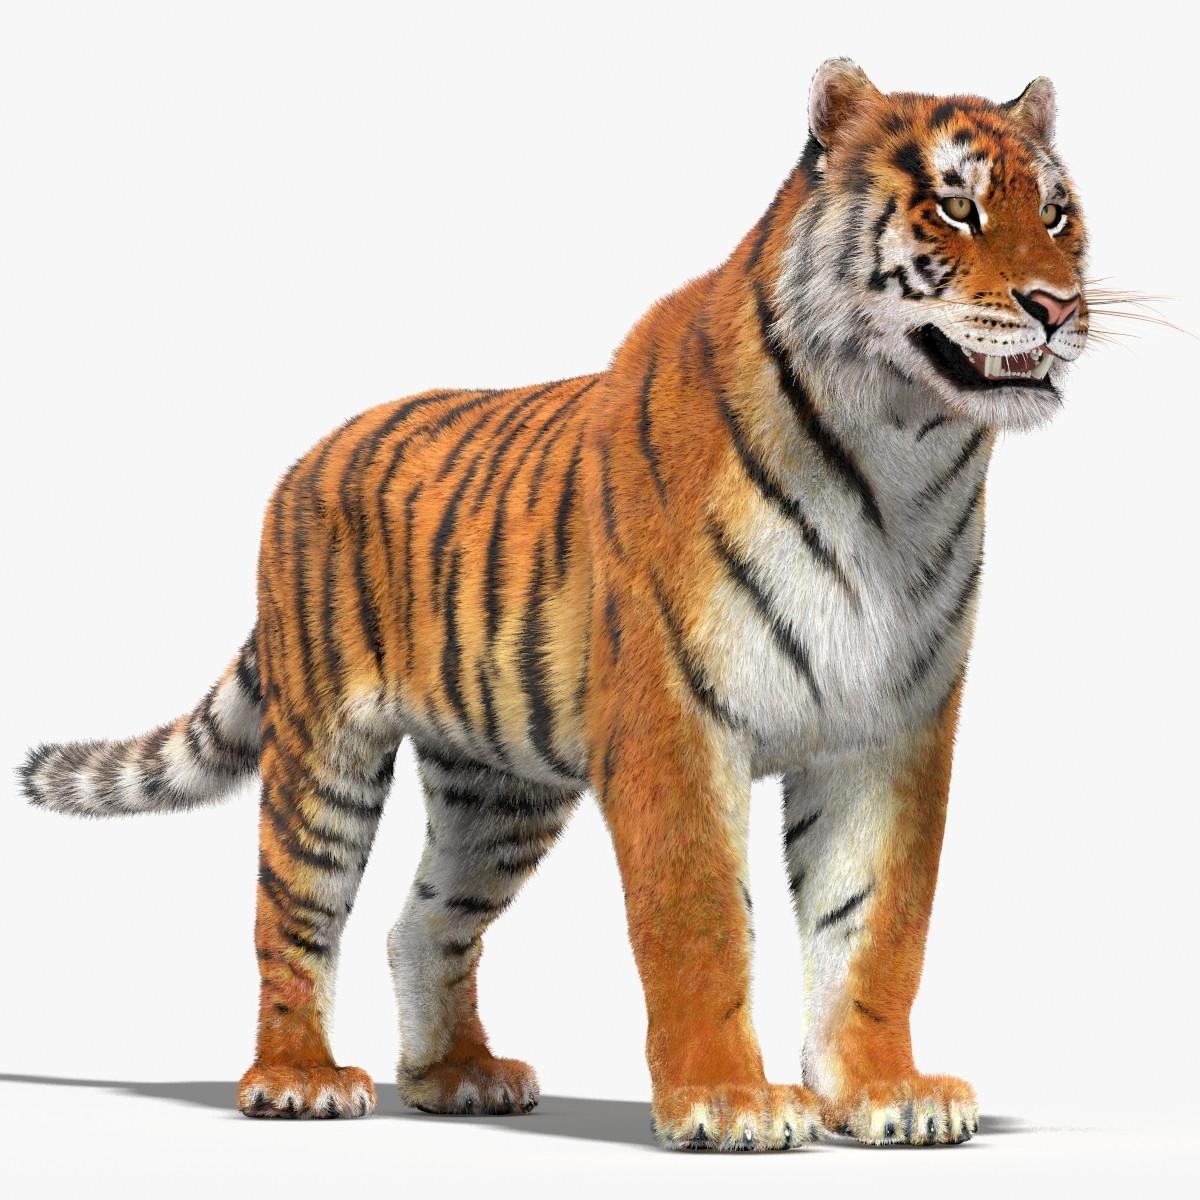 Tiger-01.jpg